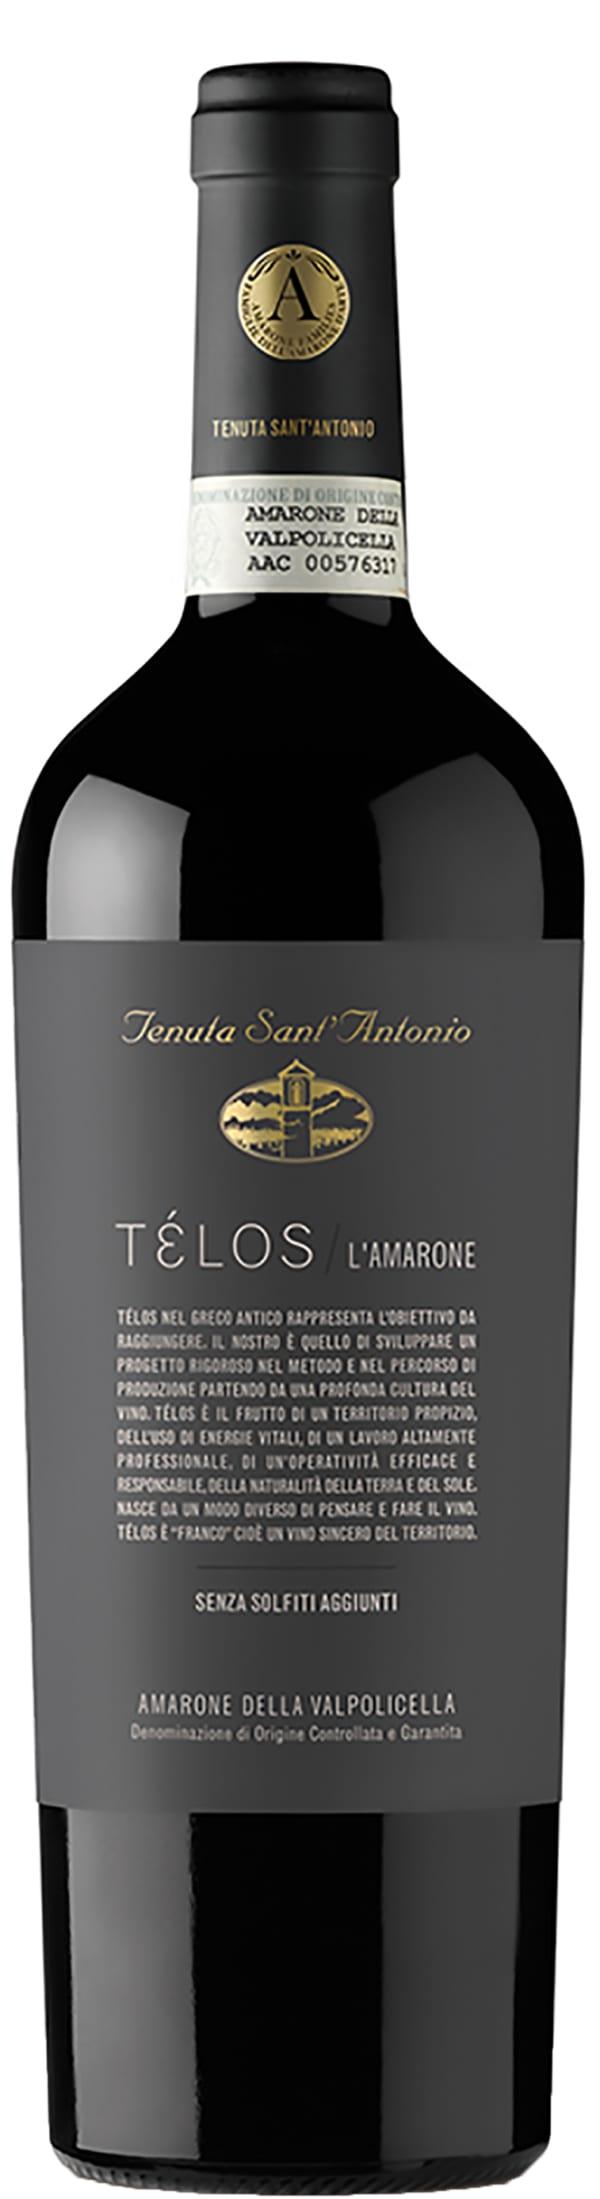 Tenuta Sant'Antonio Télos L'Amarone 2011